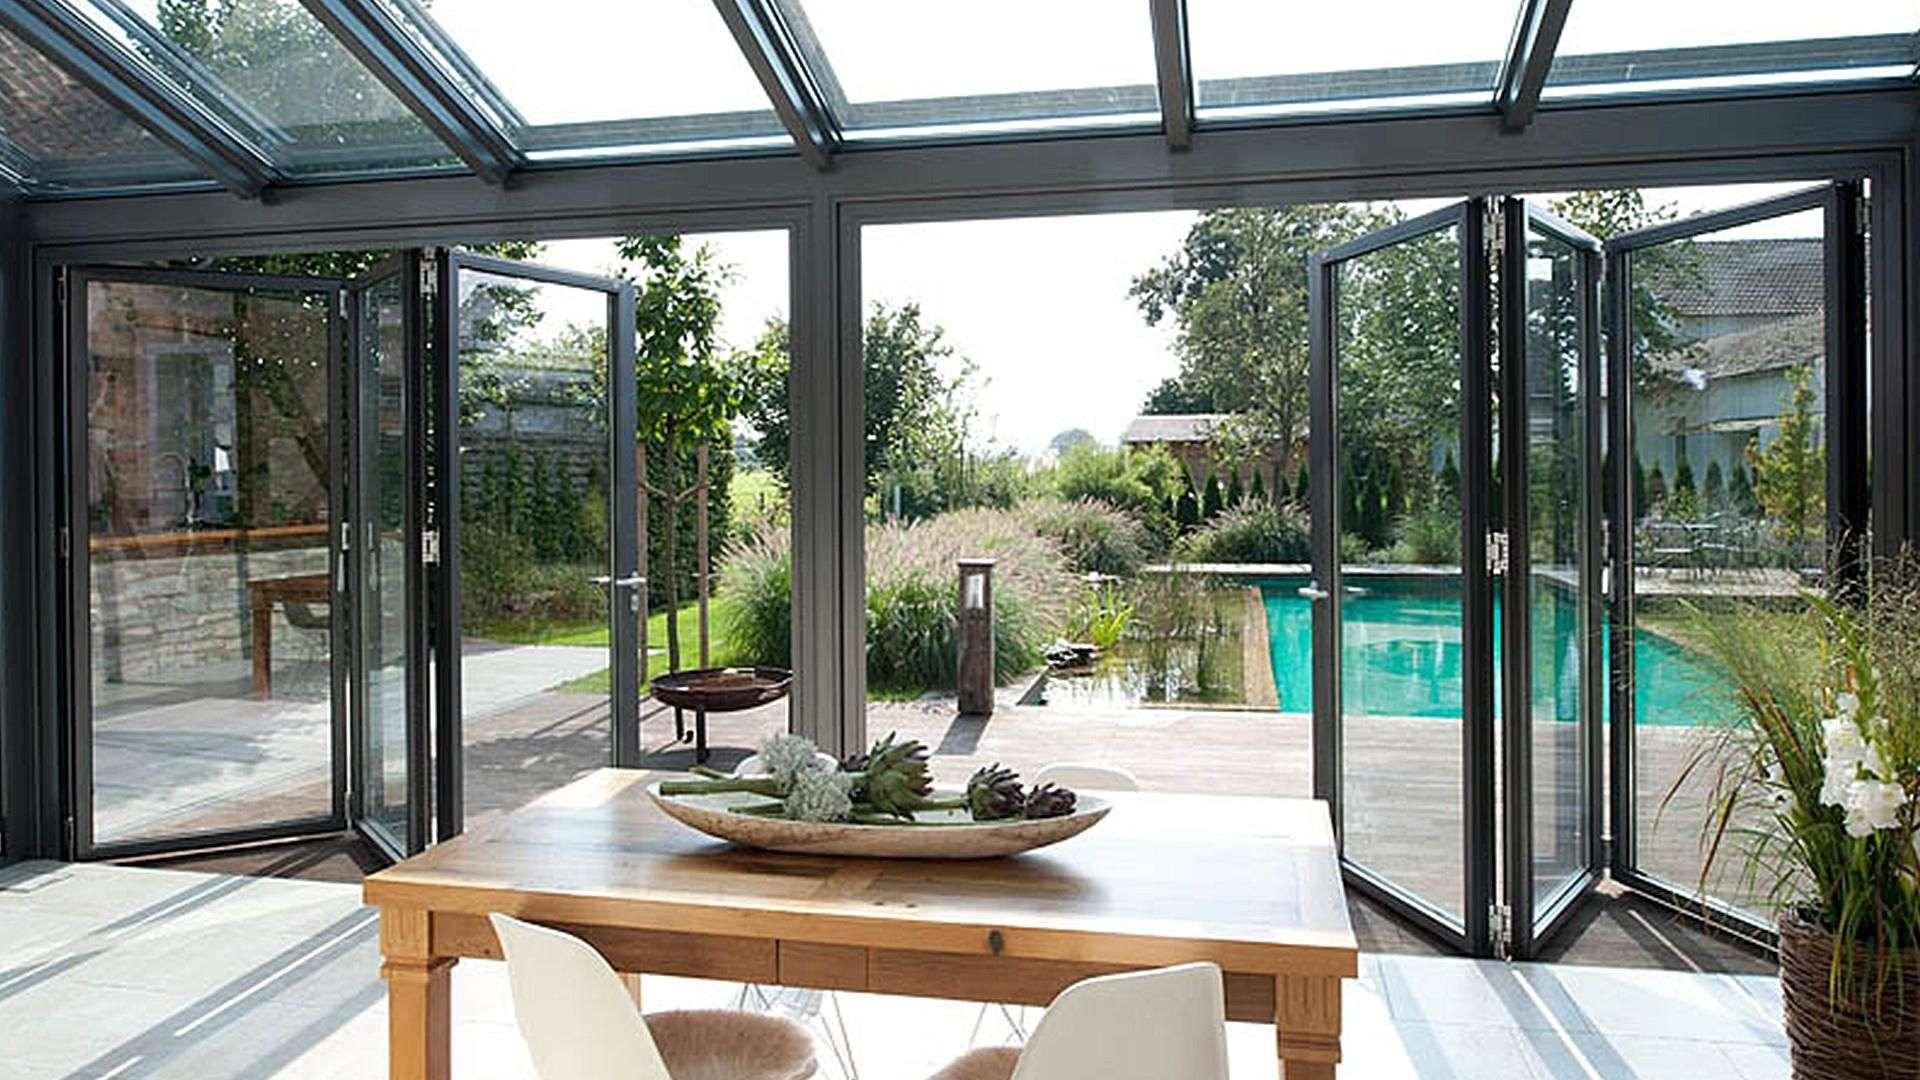 Innenansicht eines Solarlux SDL Nobiles Wintergartens mit geöffneter Glasfront mit Blick auf einen Pool und Esstisch im Inneren des Wintergartens